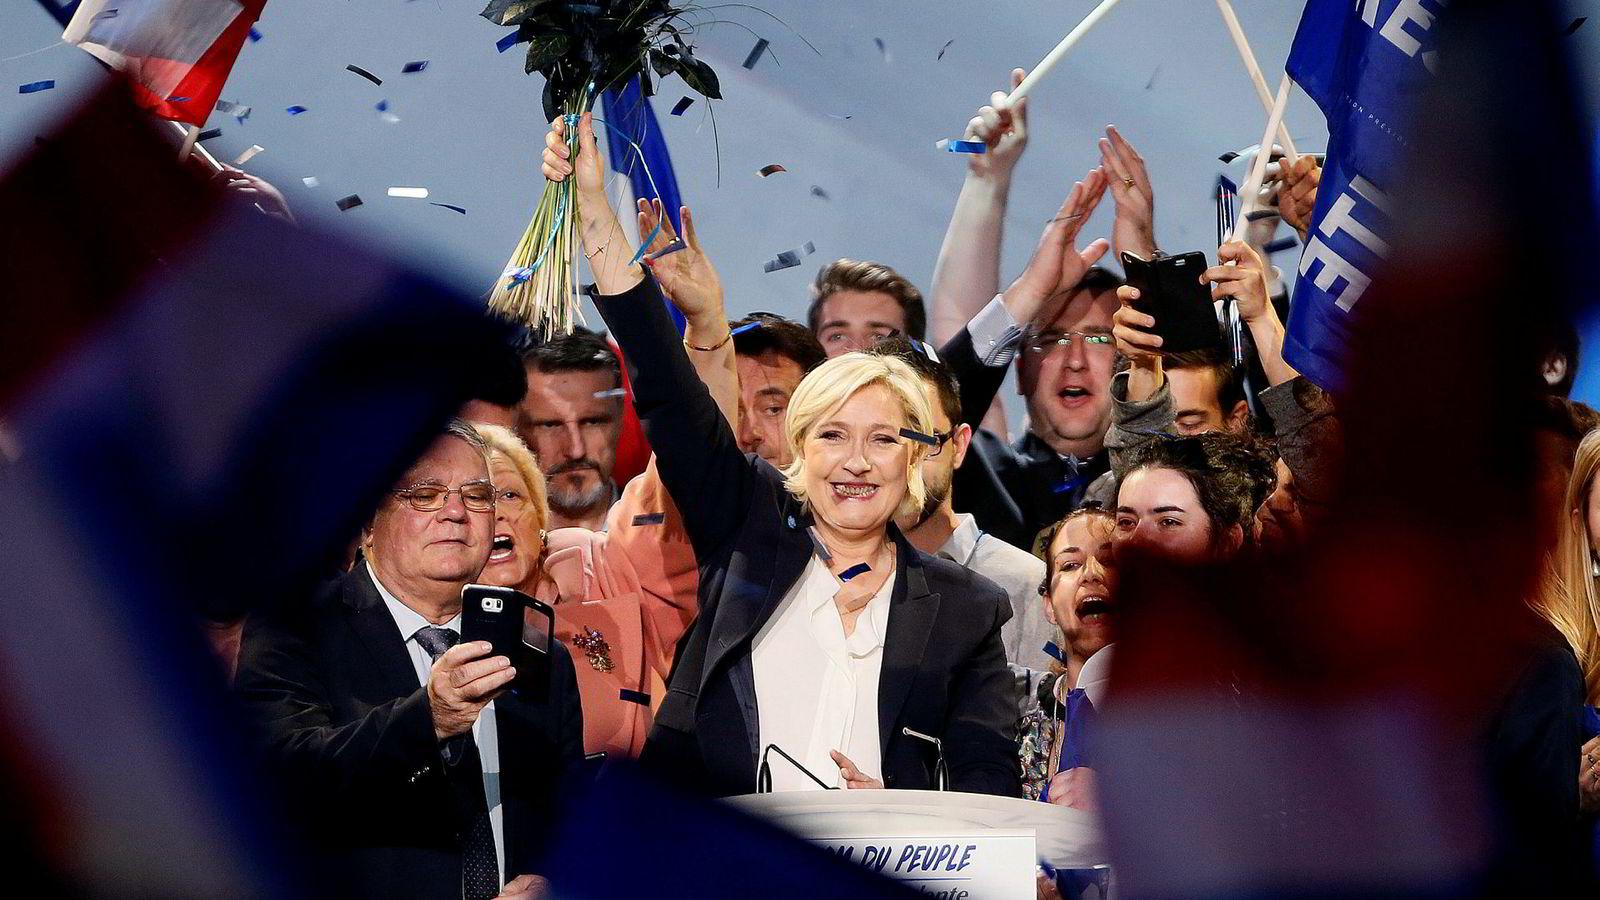 Marine Le Pen og partiet hennes Front National har lovet å melde Frankrike ut av hele eurosamarbeidet dersom hun vinner det franske valget.